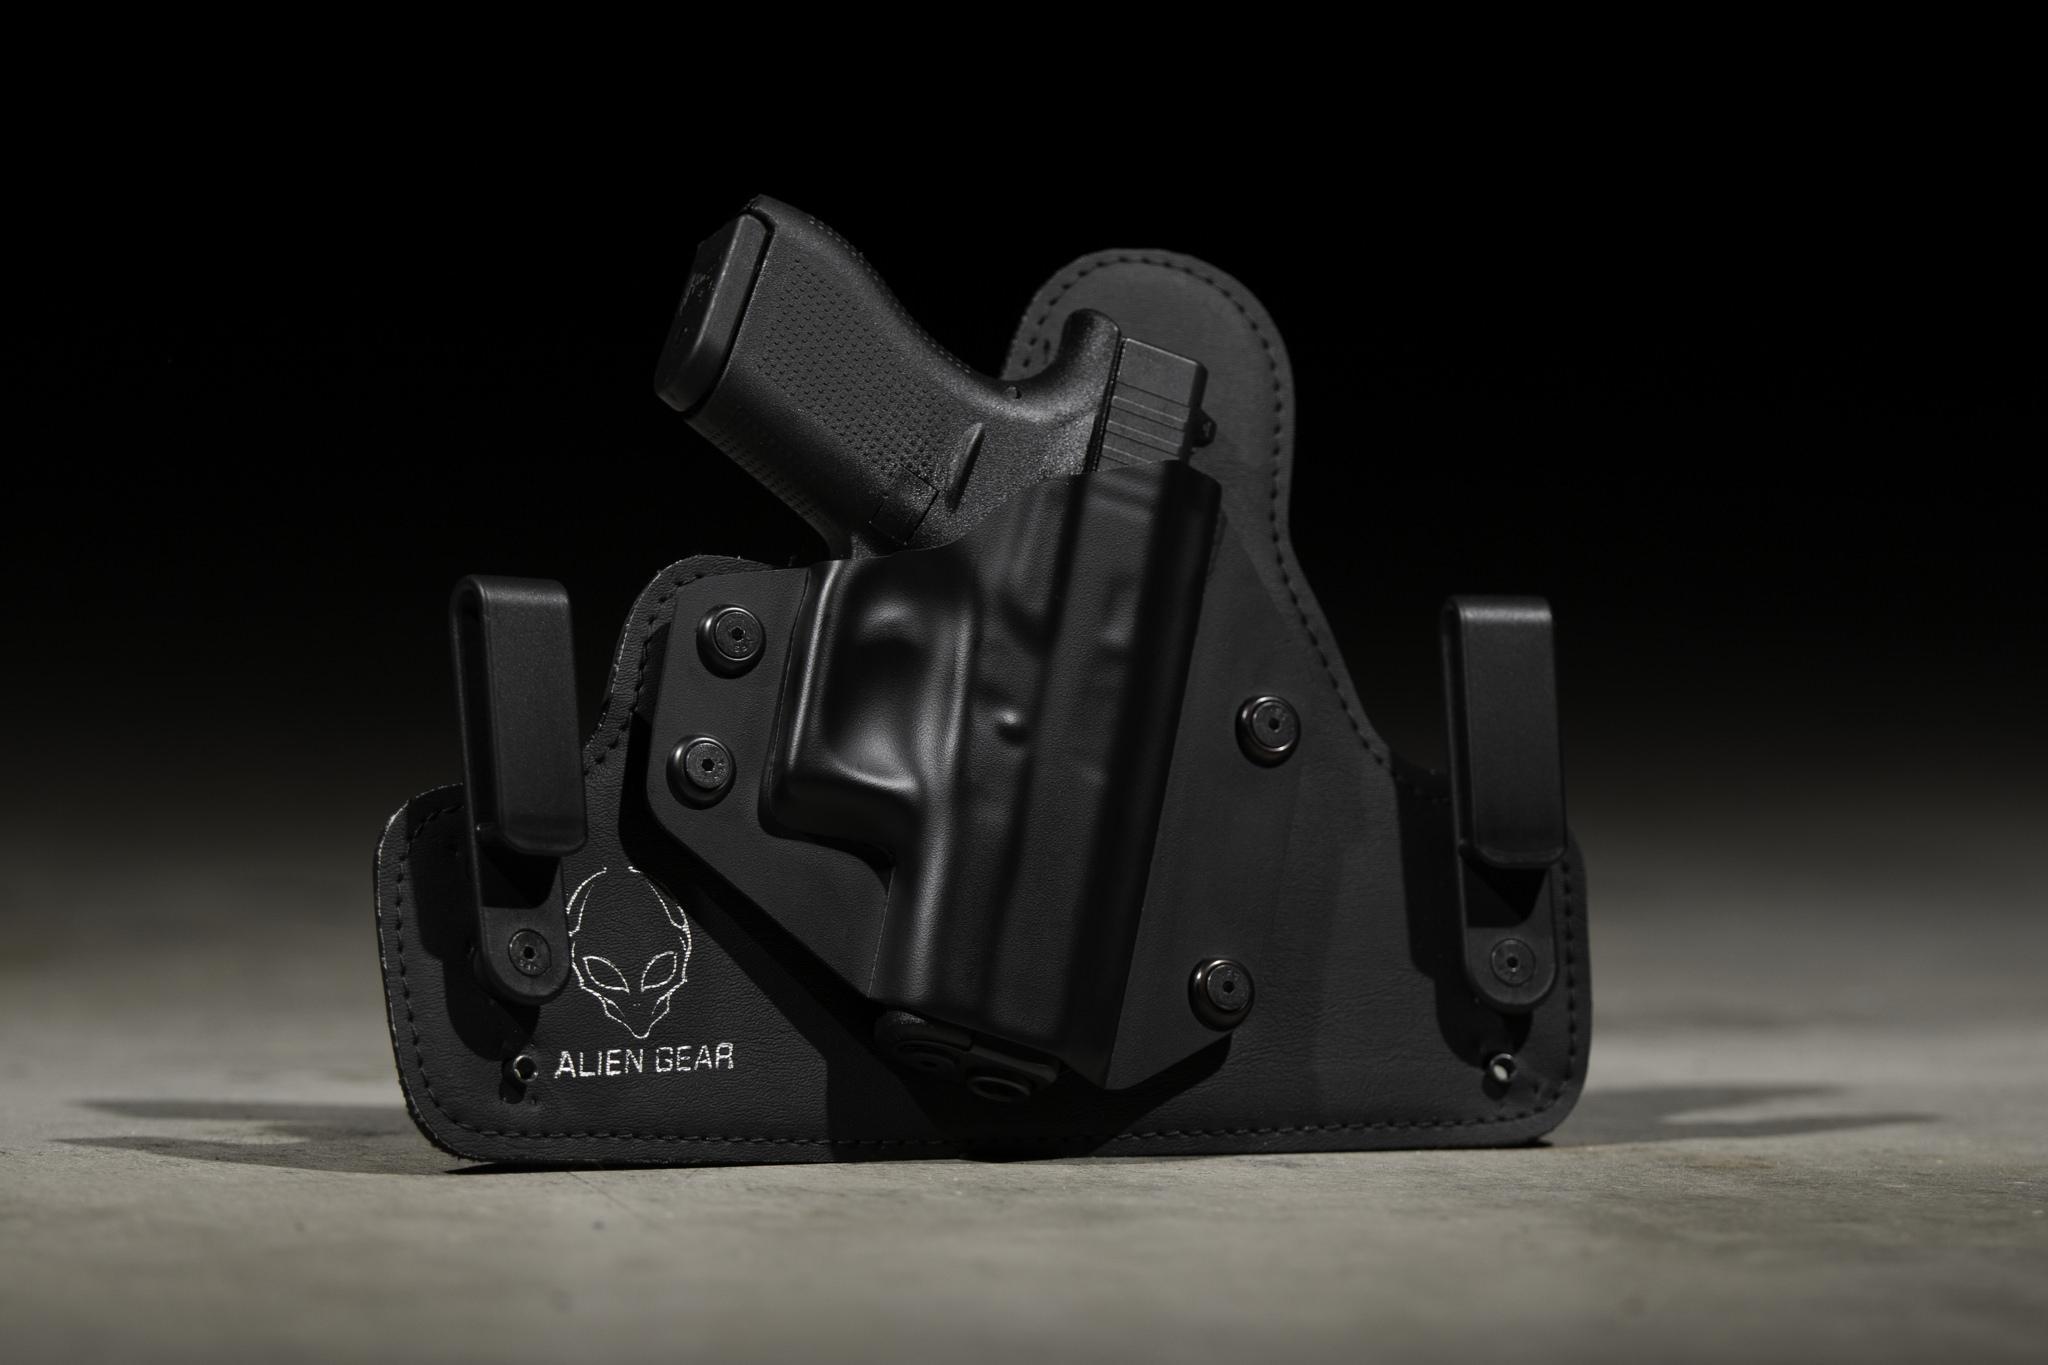 a handgun by Glock® inside a concealment holster